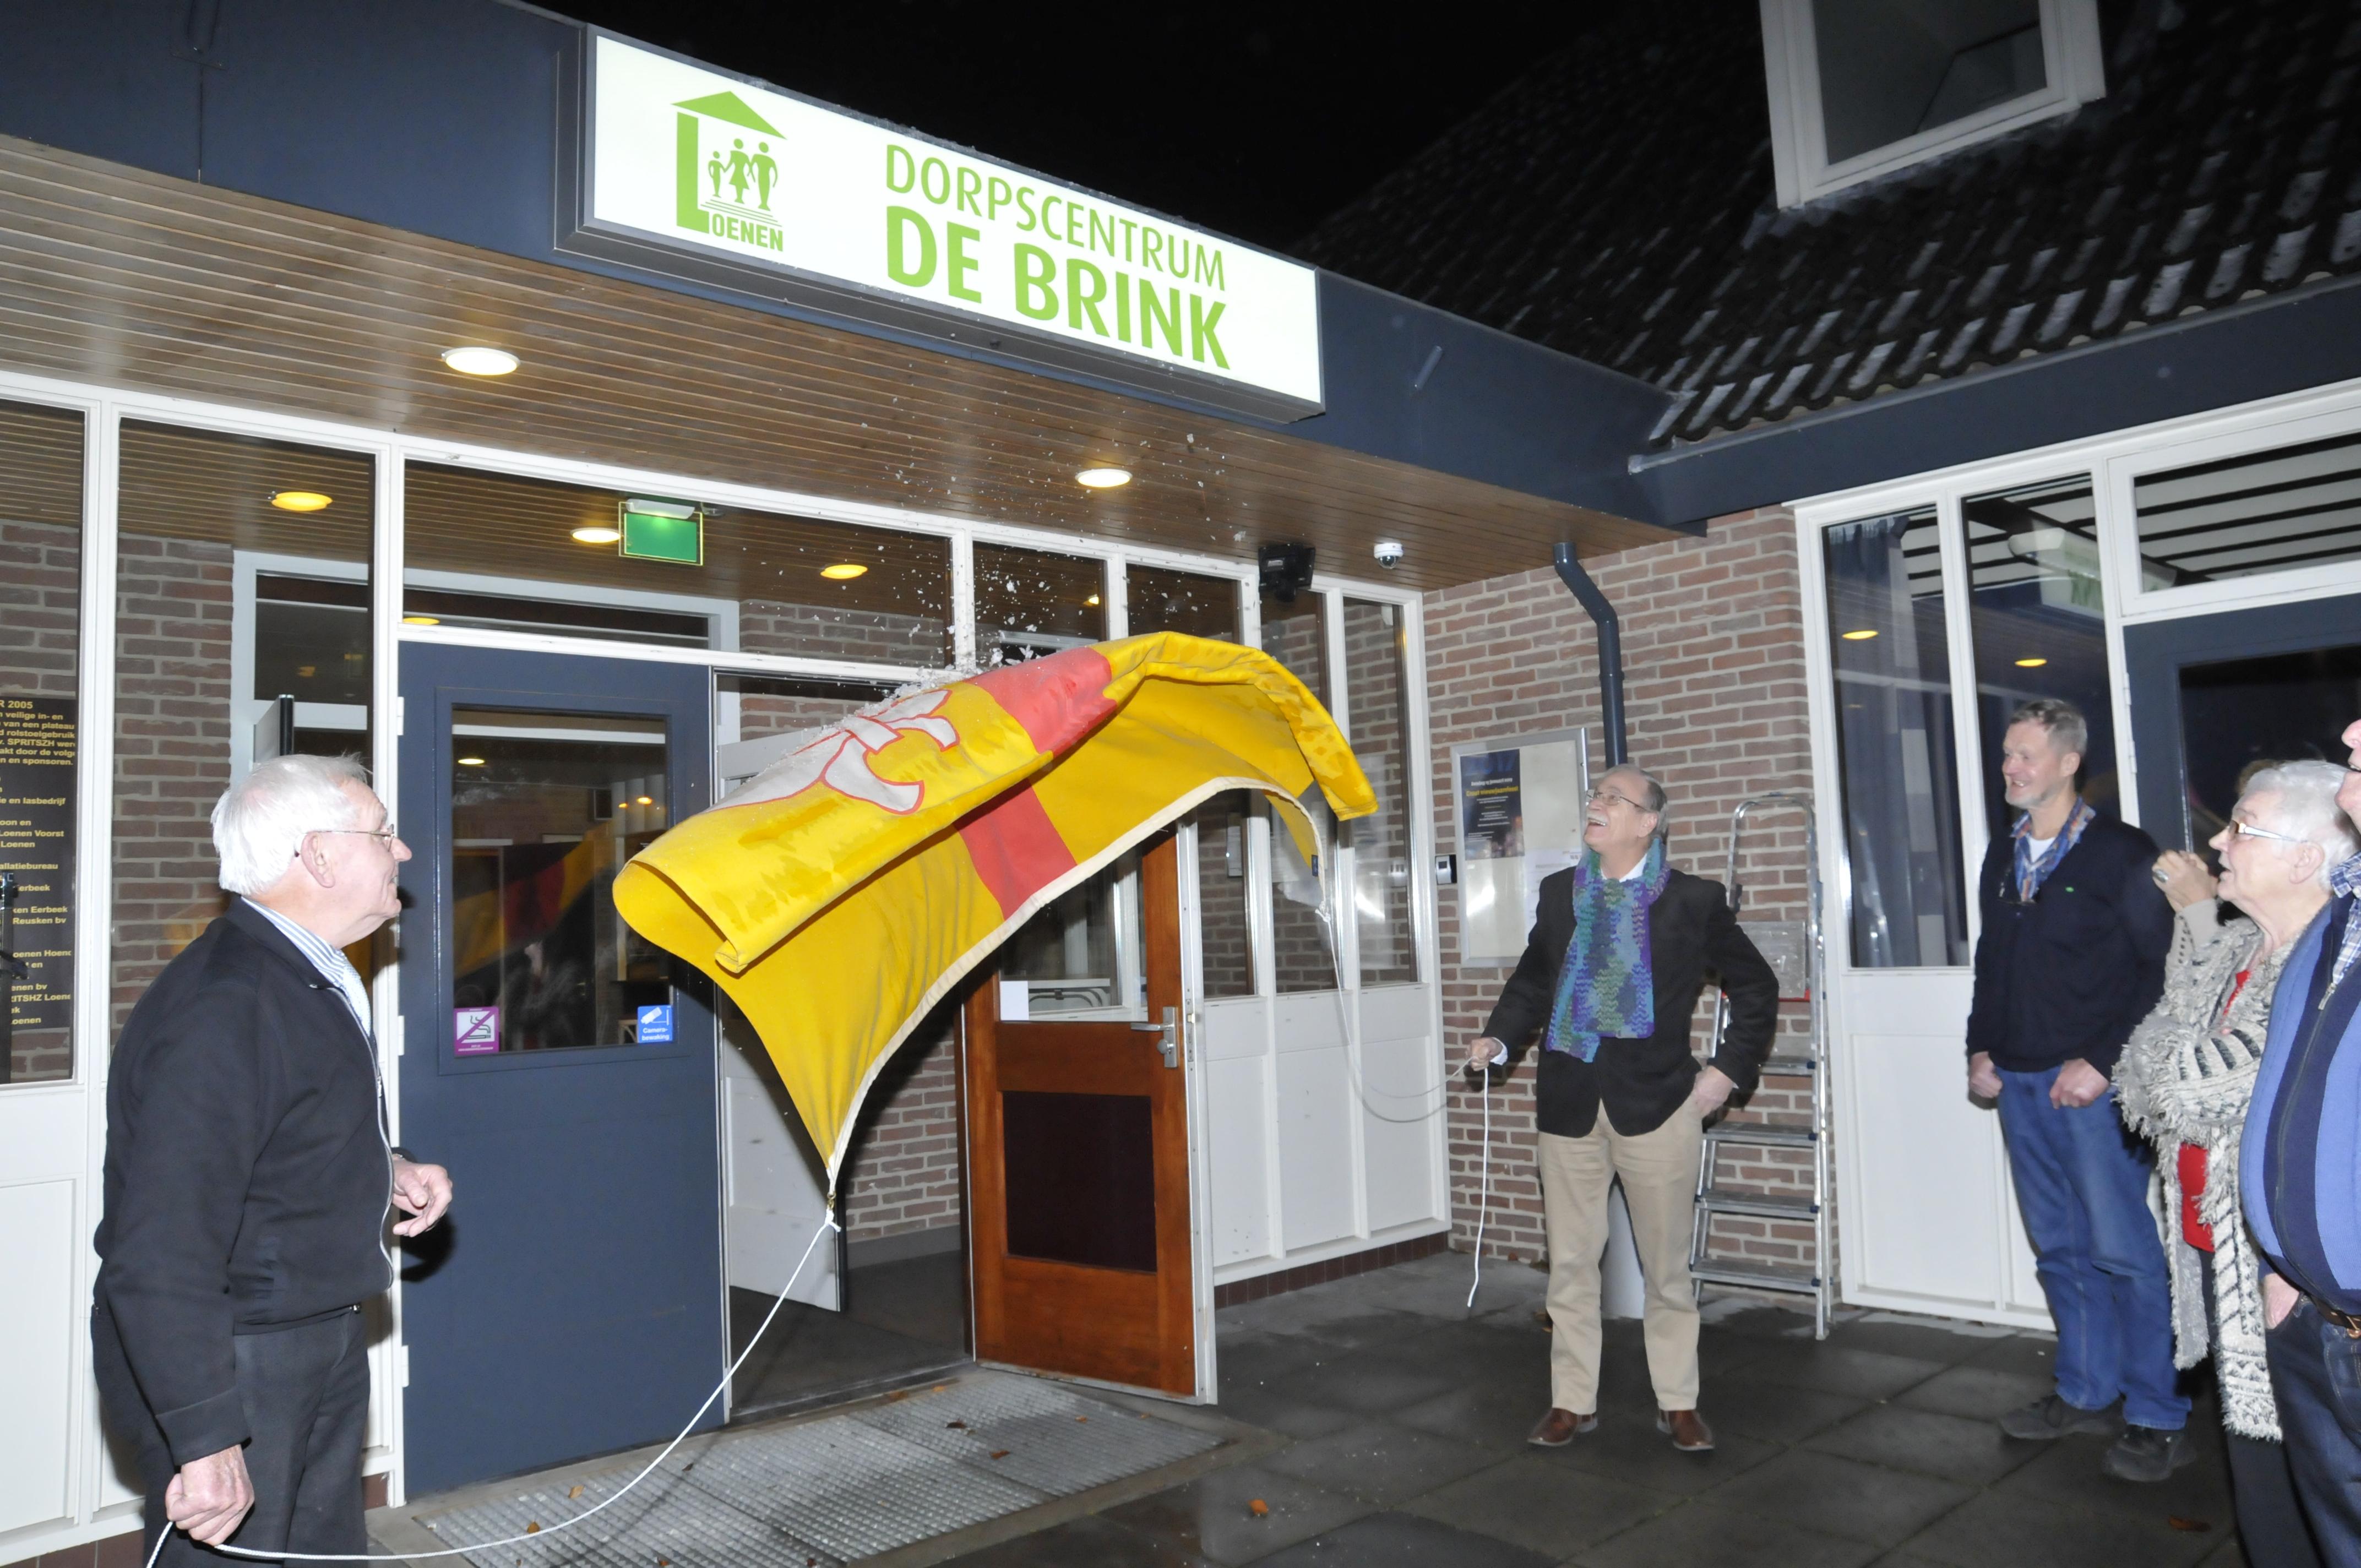 Onthulling nieuwe naam Dorpscentrum De Brink